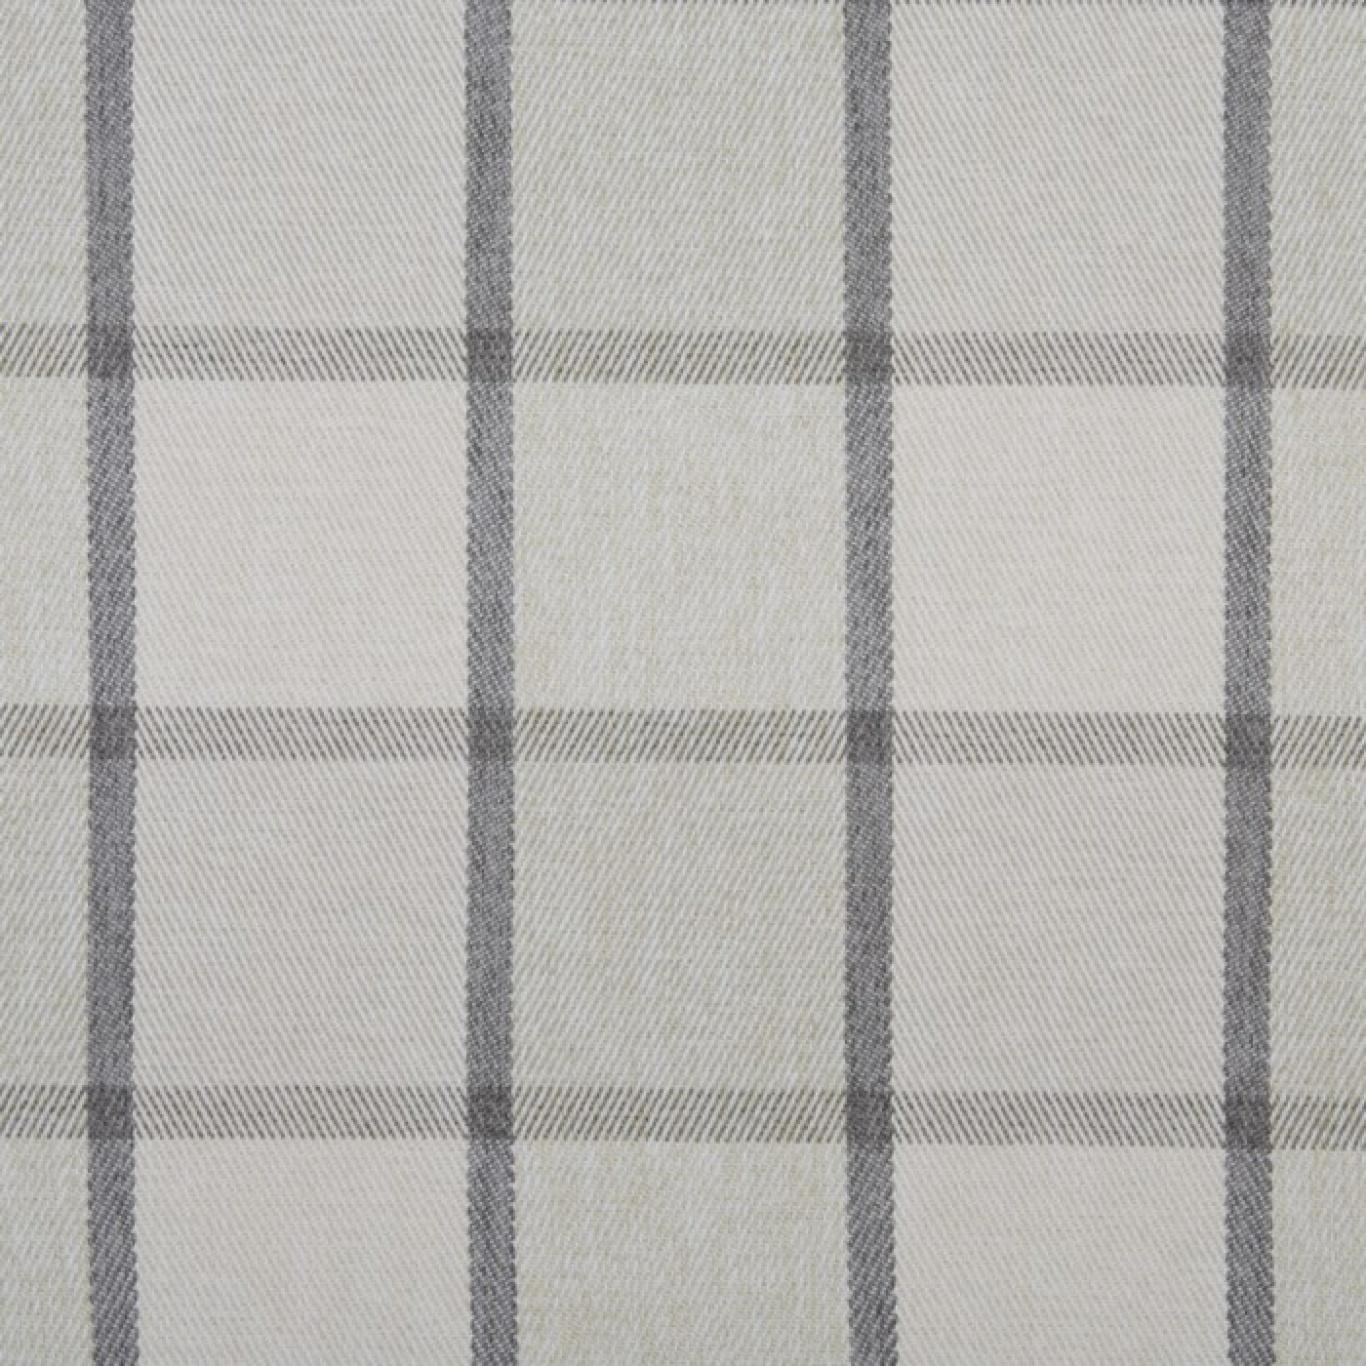 Image of Prestigious Solway Pebble Fabric